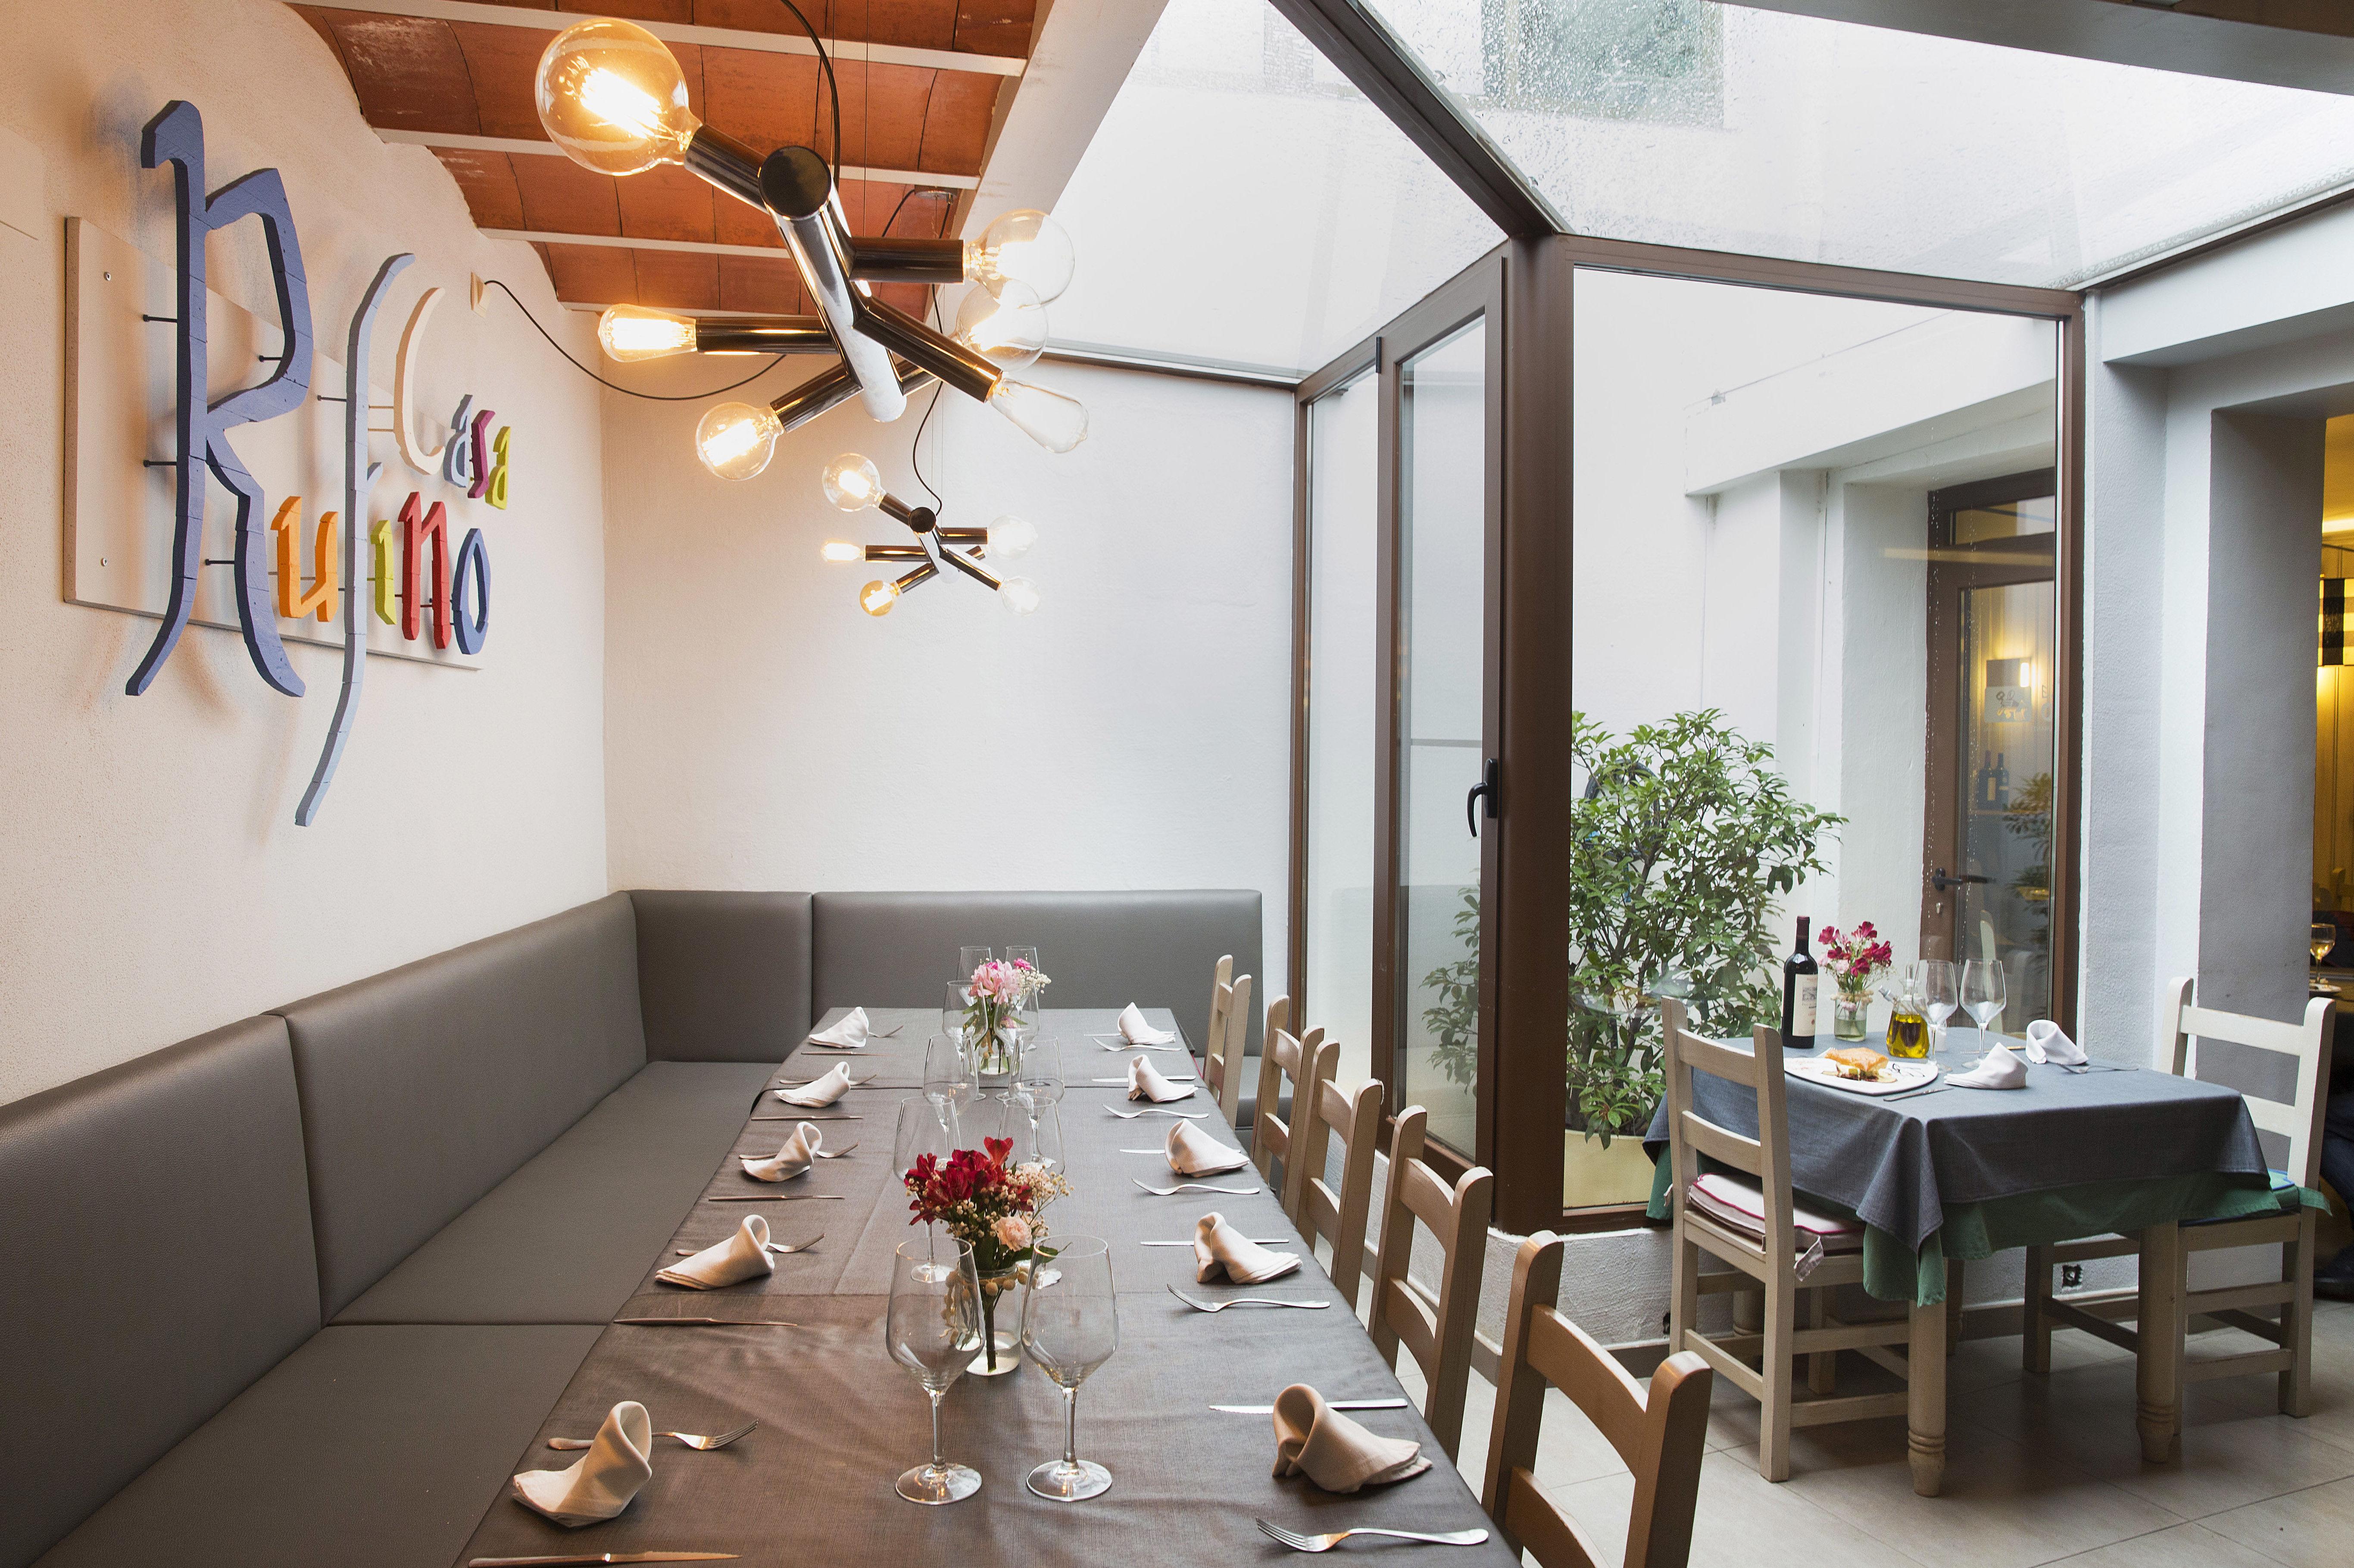 Foto 1 de hotel rural y restaurante casa rufino en bolea restaurante casa rufino - Casa rufino bolea ...